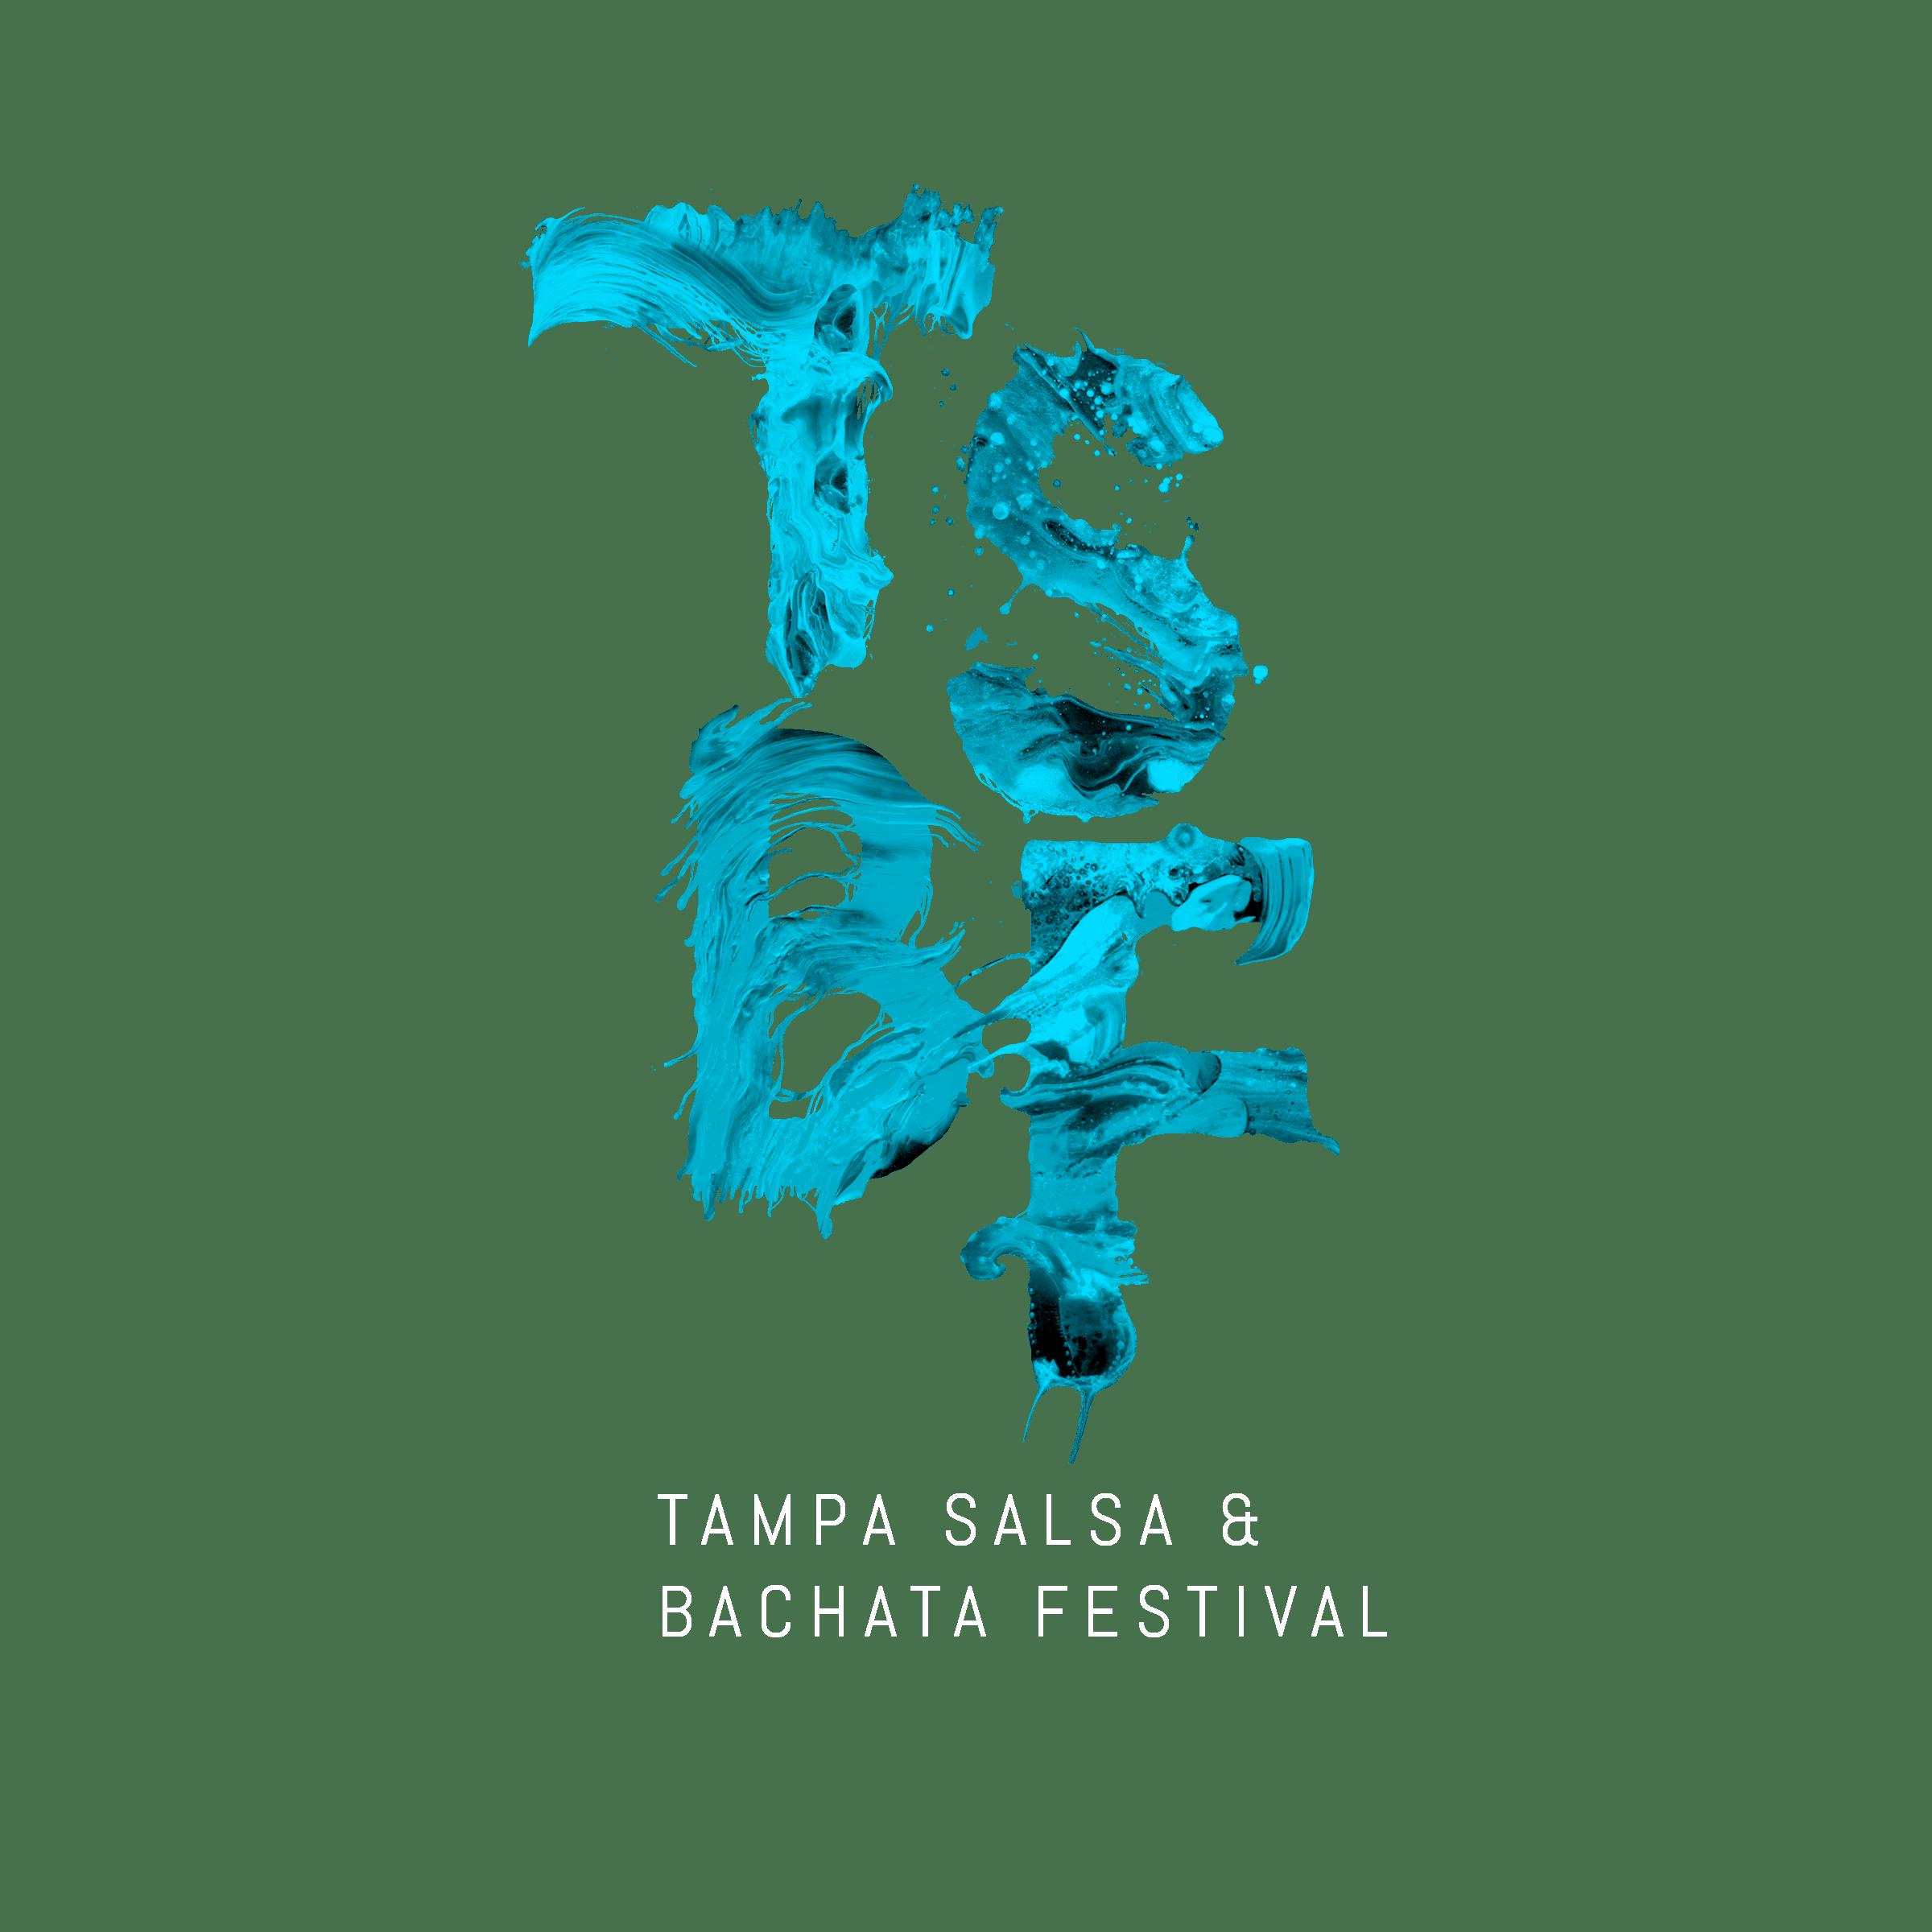 Tampa Salsa & Bachata Festival 2018